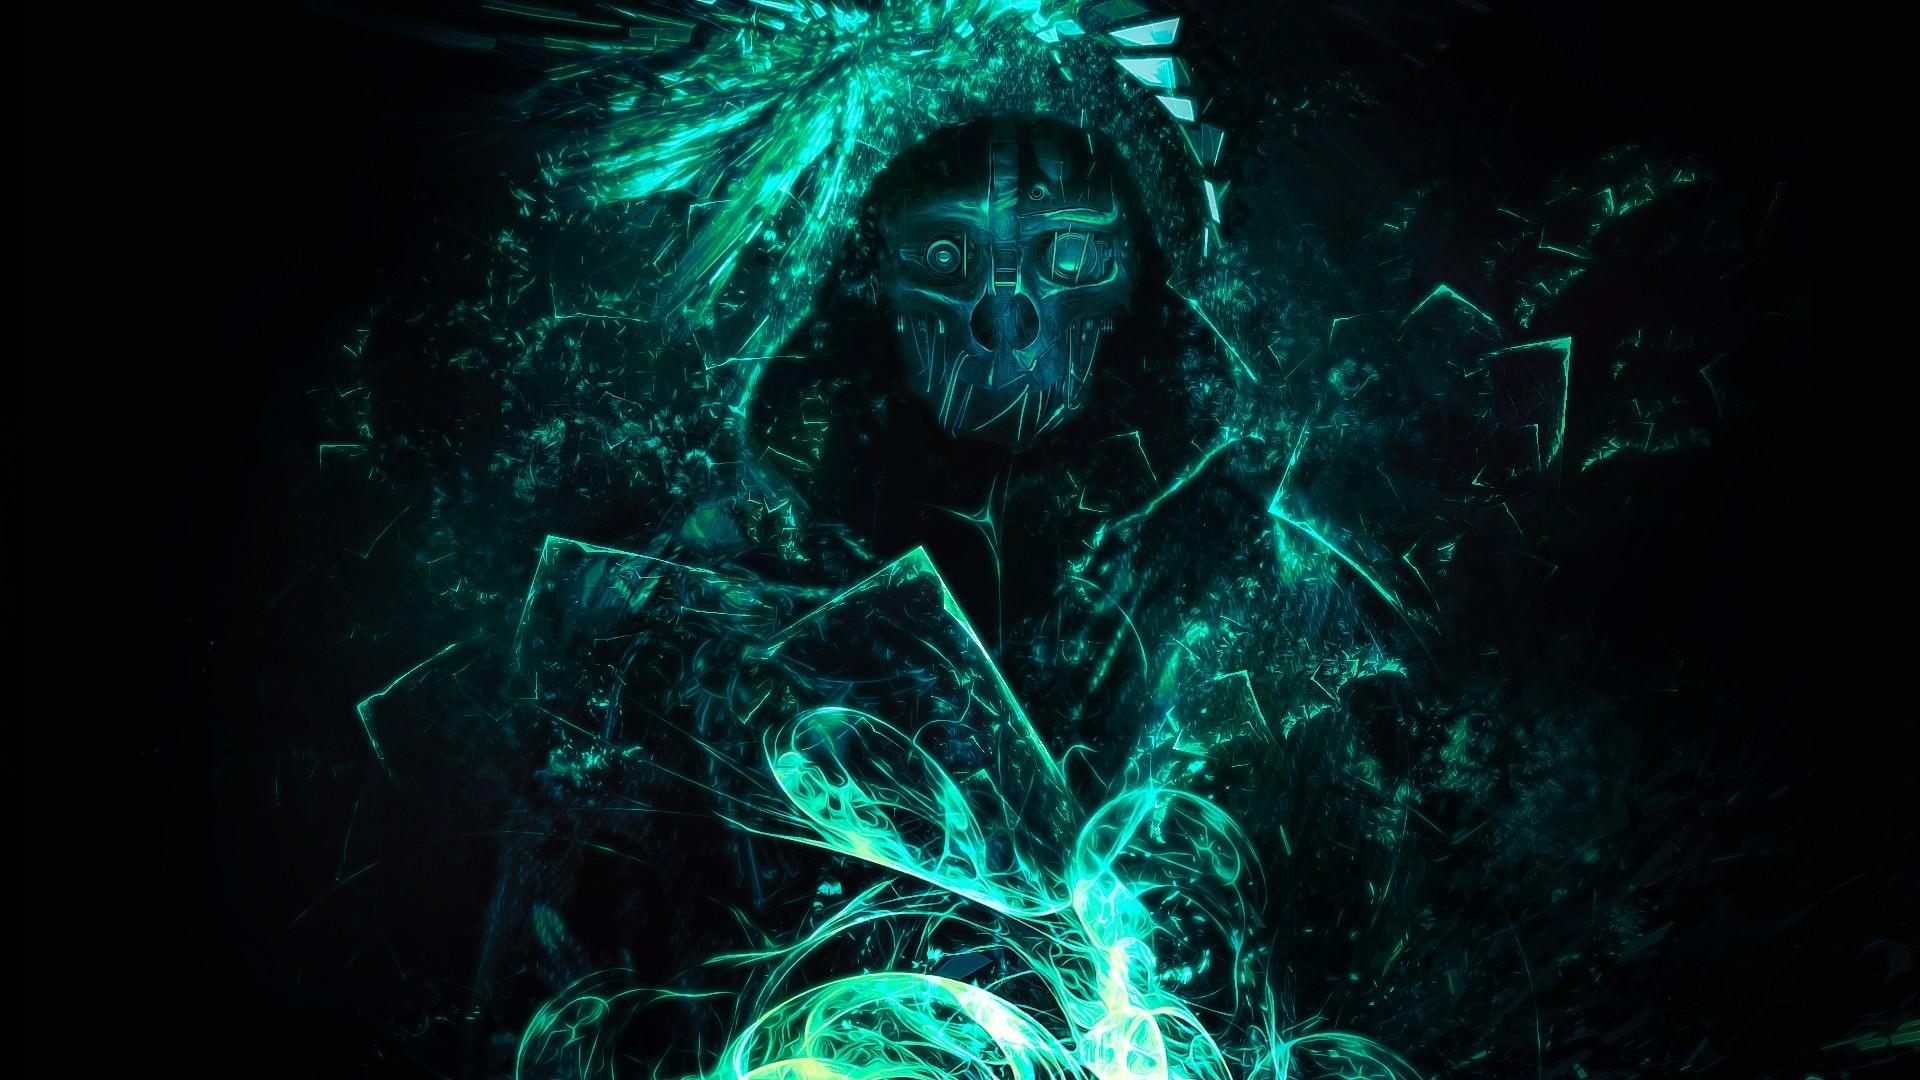 stunning 4K Gaming Wallpaper